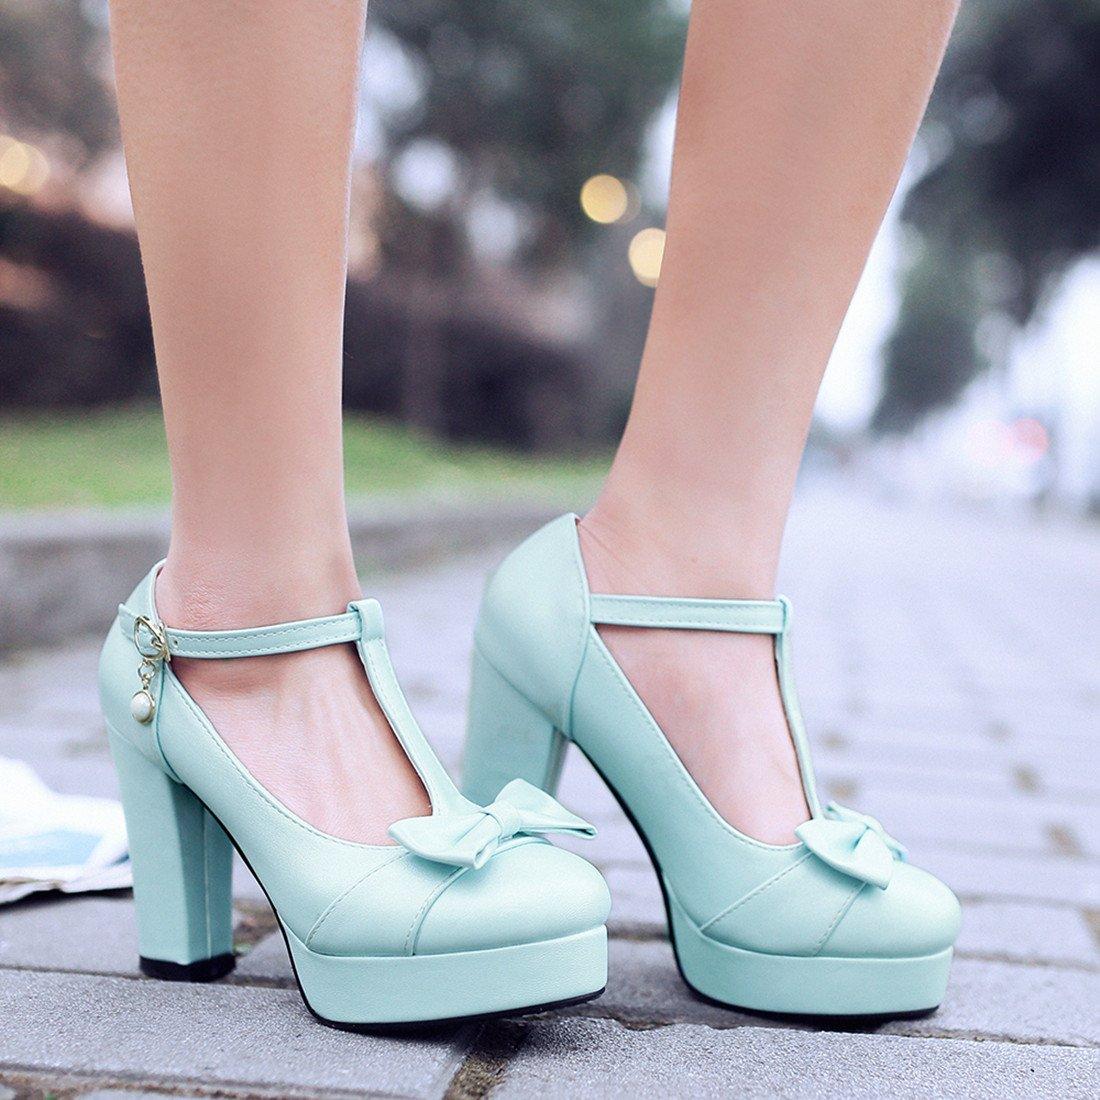 YE Damen Süß T Strap Blockabsatz High Heels Plateau Pumps mit Schleife 10cm Absatz Schuhe